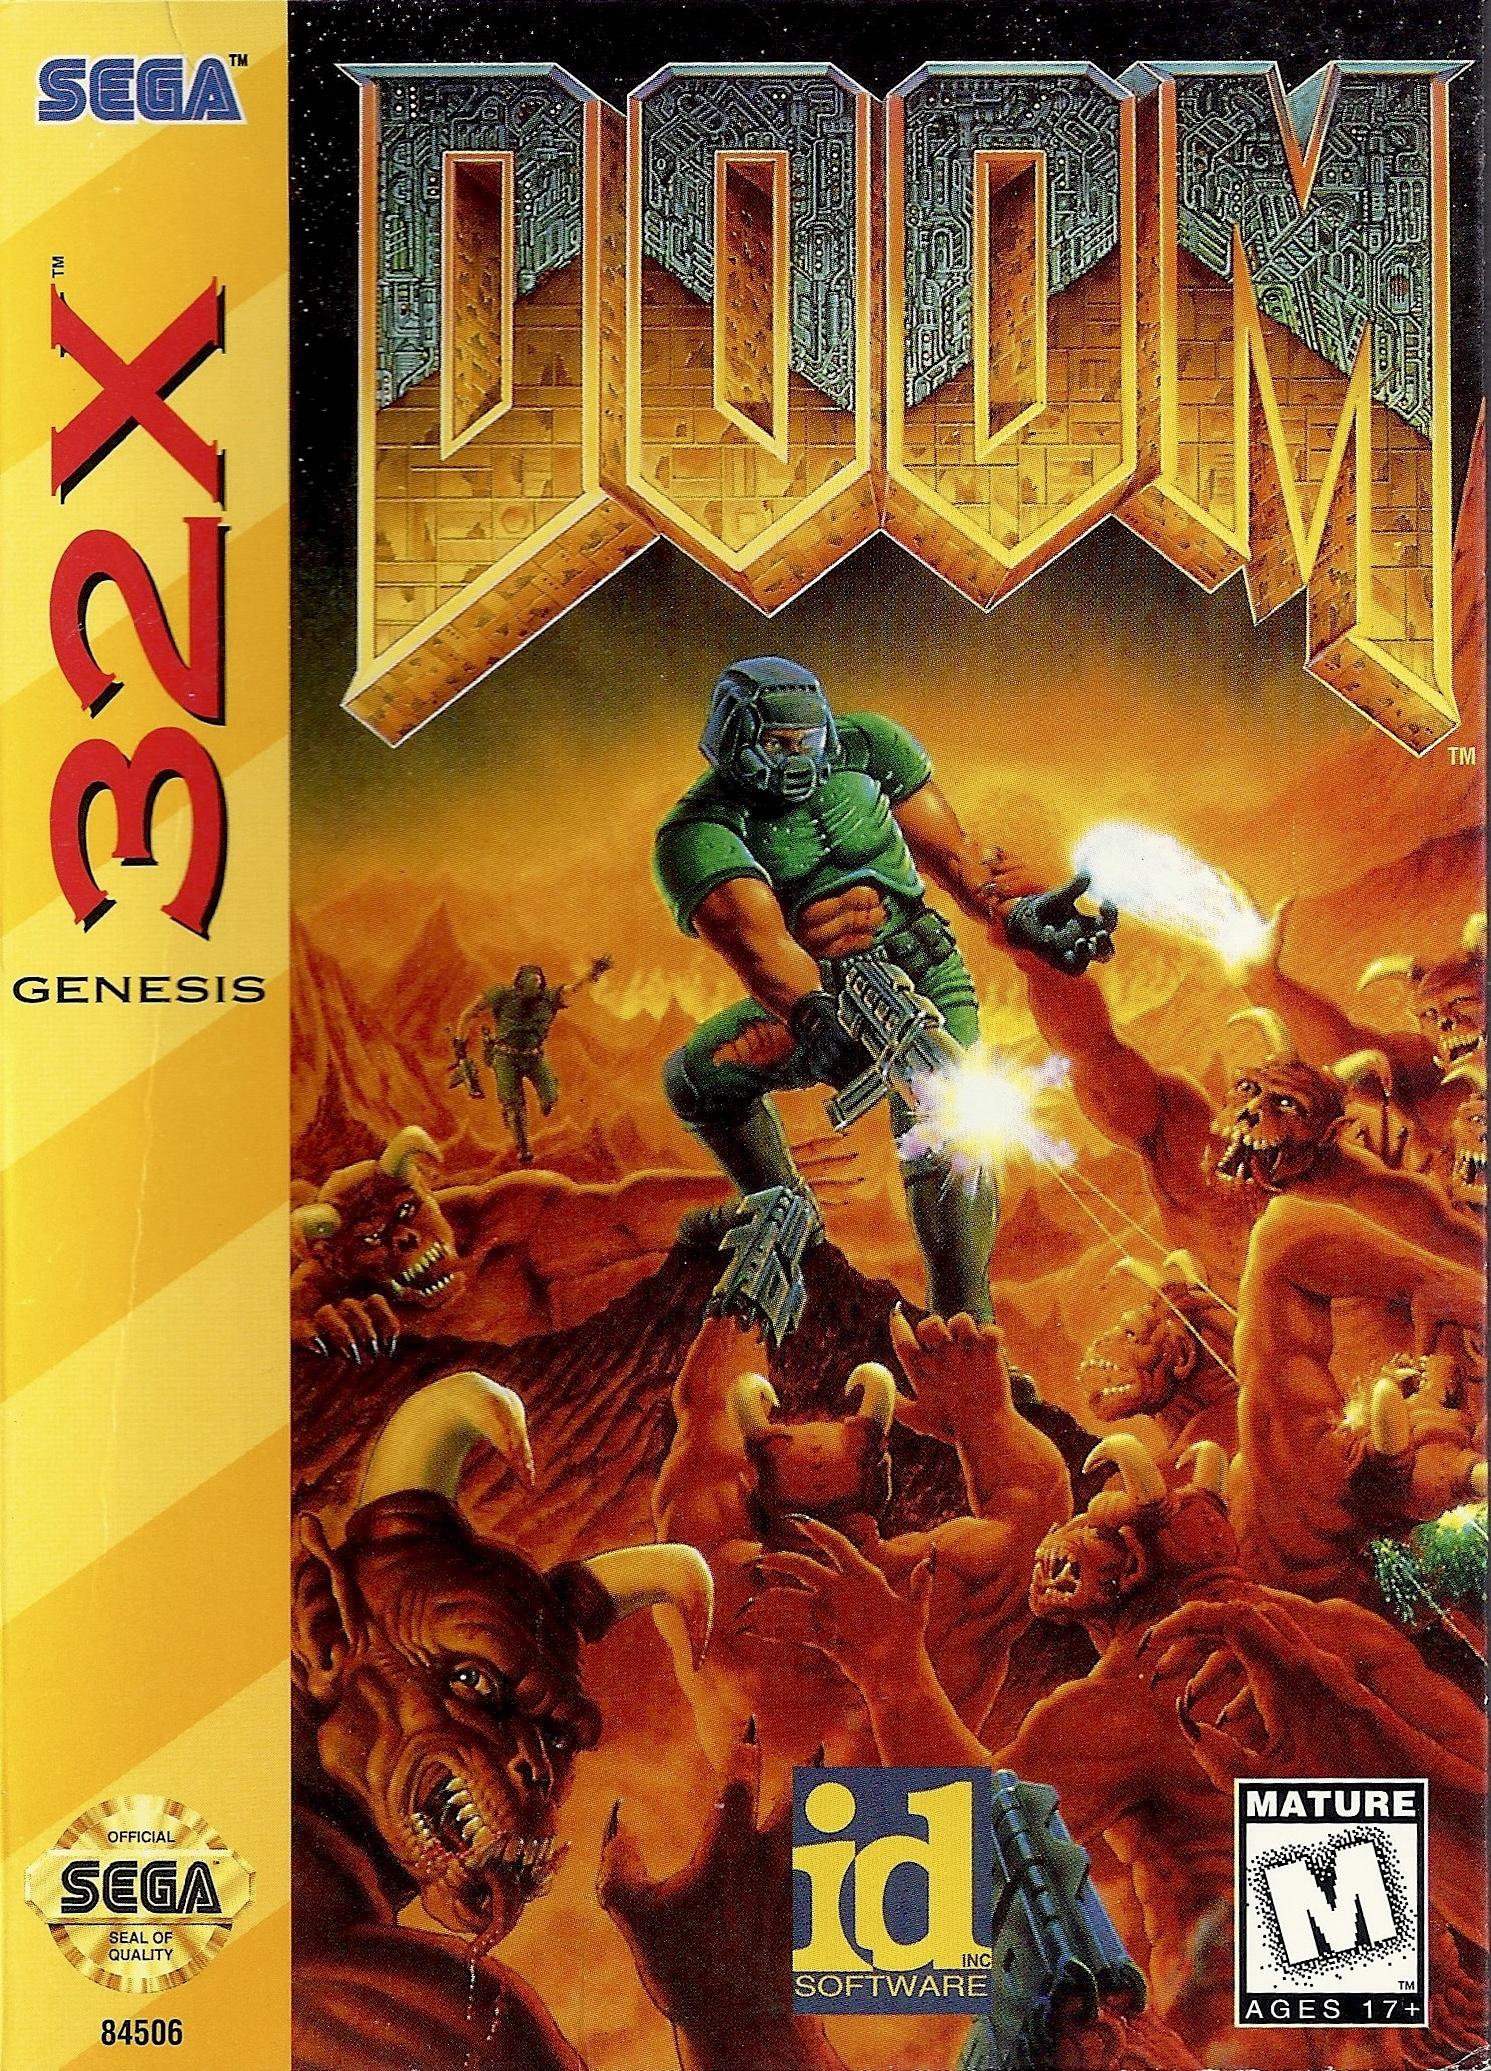 Doom/Sega 32X